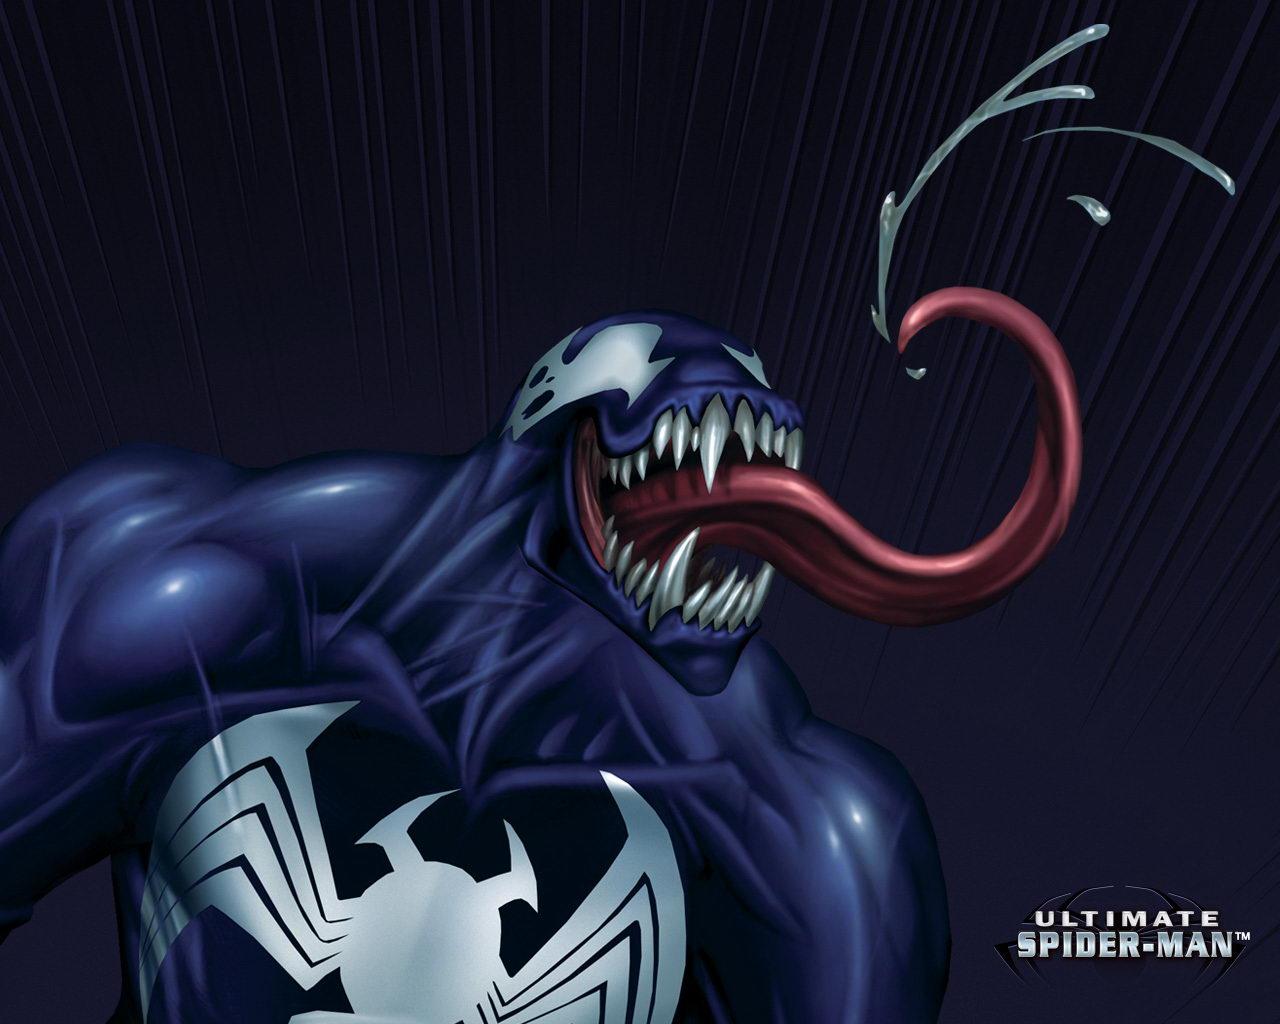 venom ultimate spider man wallpaper venom wallpaper venomjpg 1280x1024